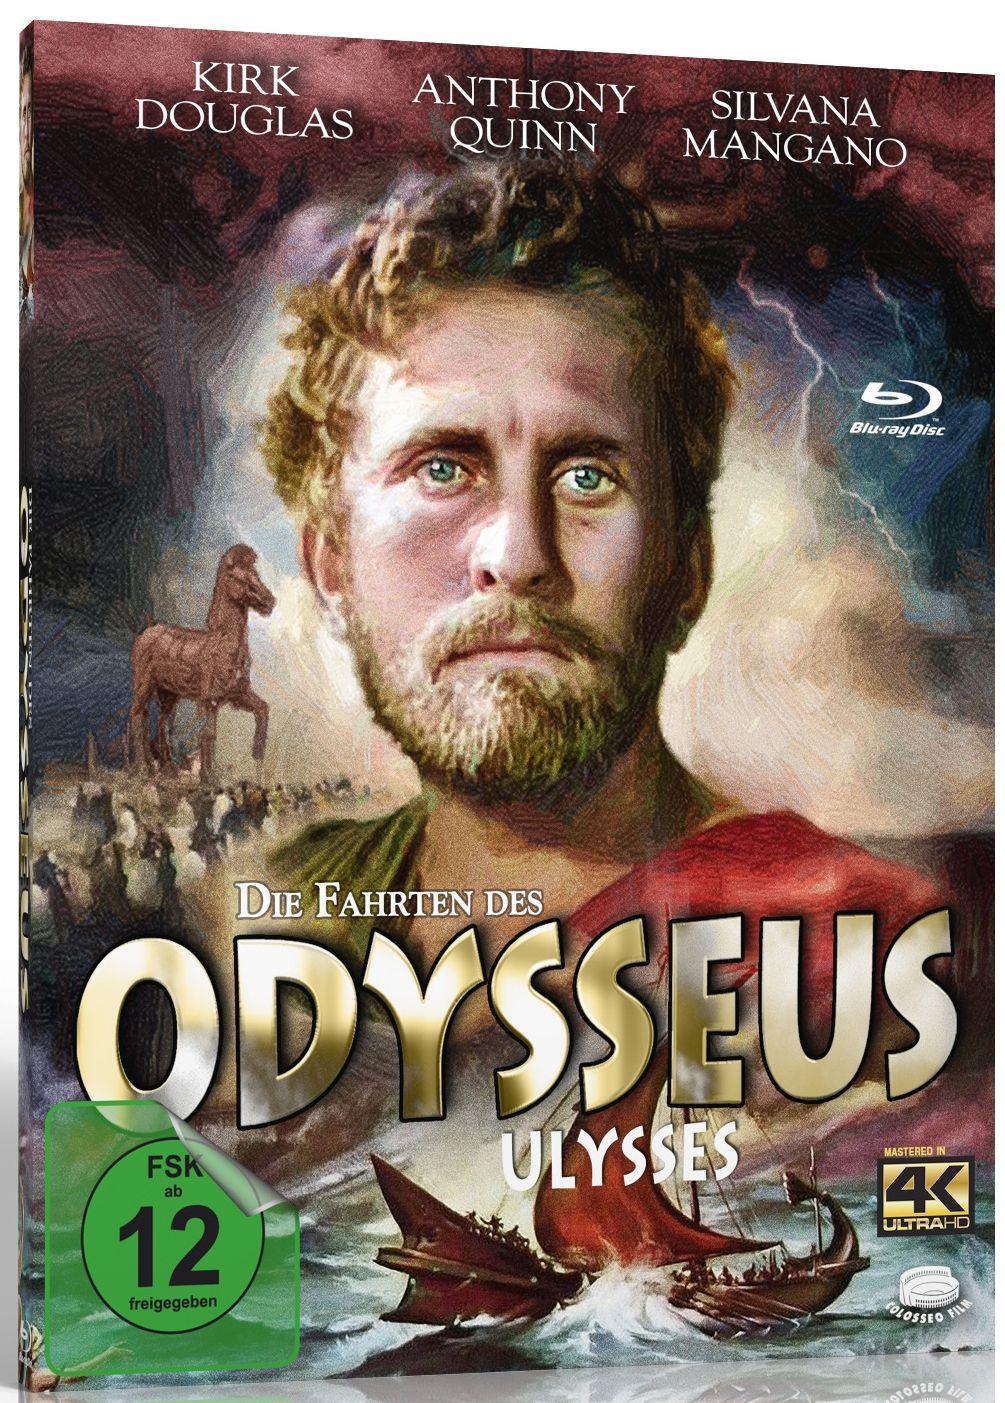 Fahrten des Odysseus, Die (4K Remastered) (DVD + BLURAY)